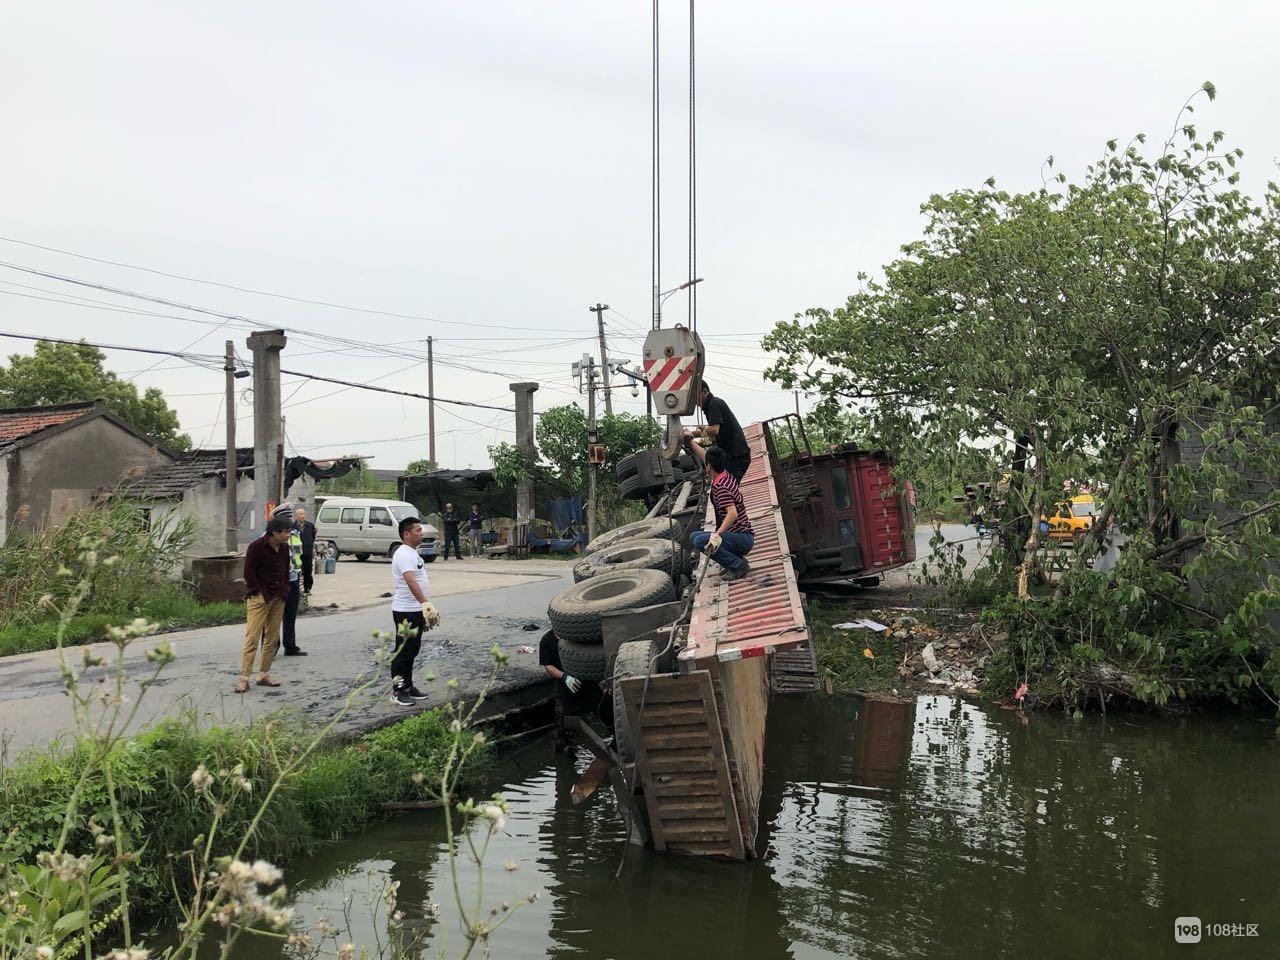 塘栖姚大线,水北这里,一大型货车侧翻河里